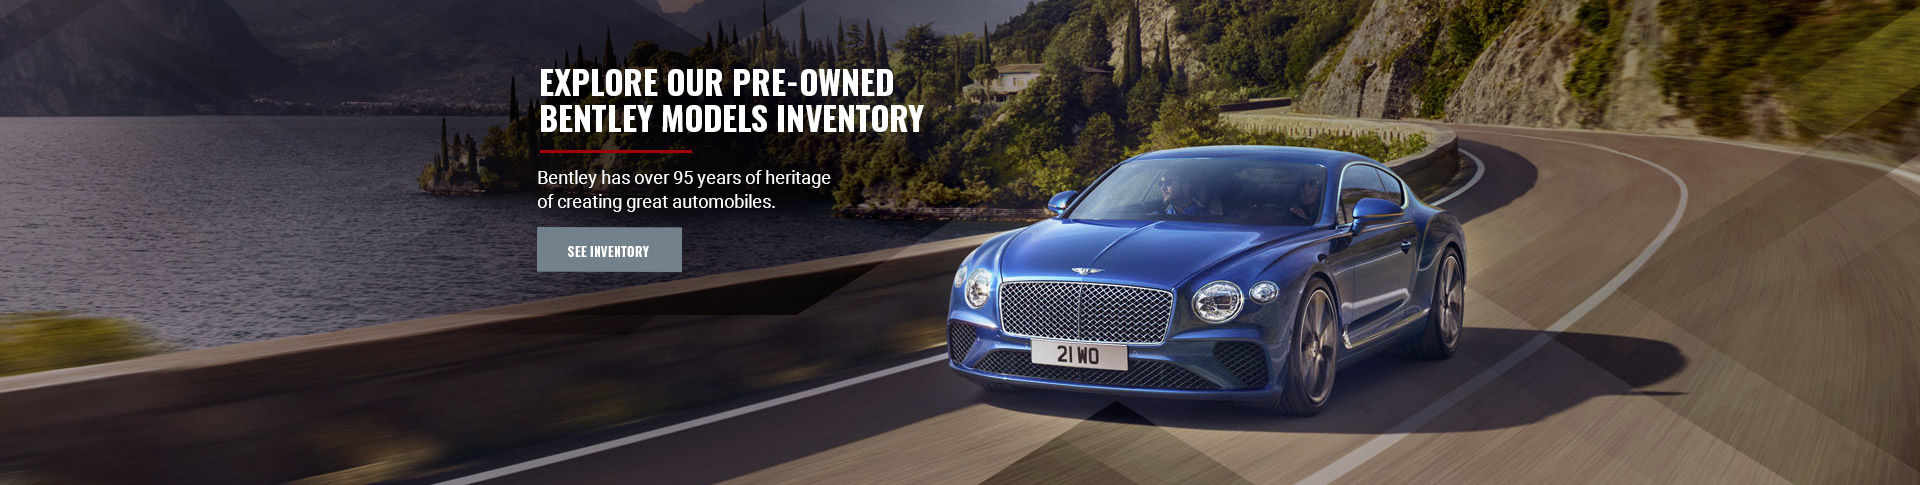 Bentley Inventory